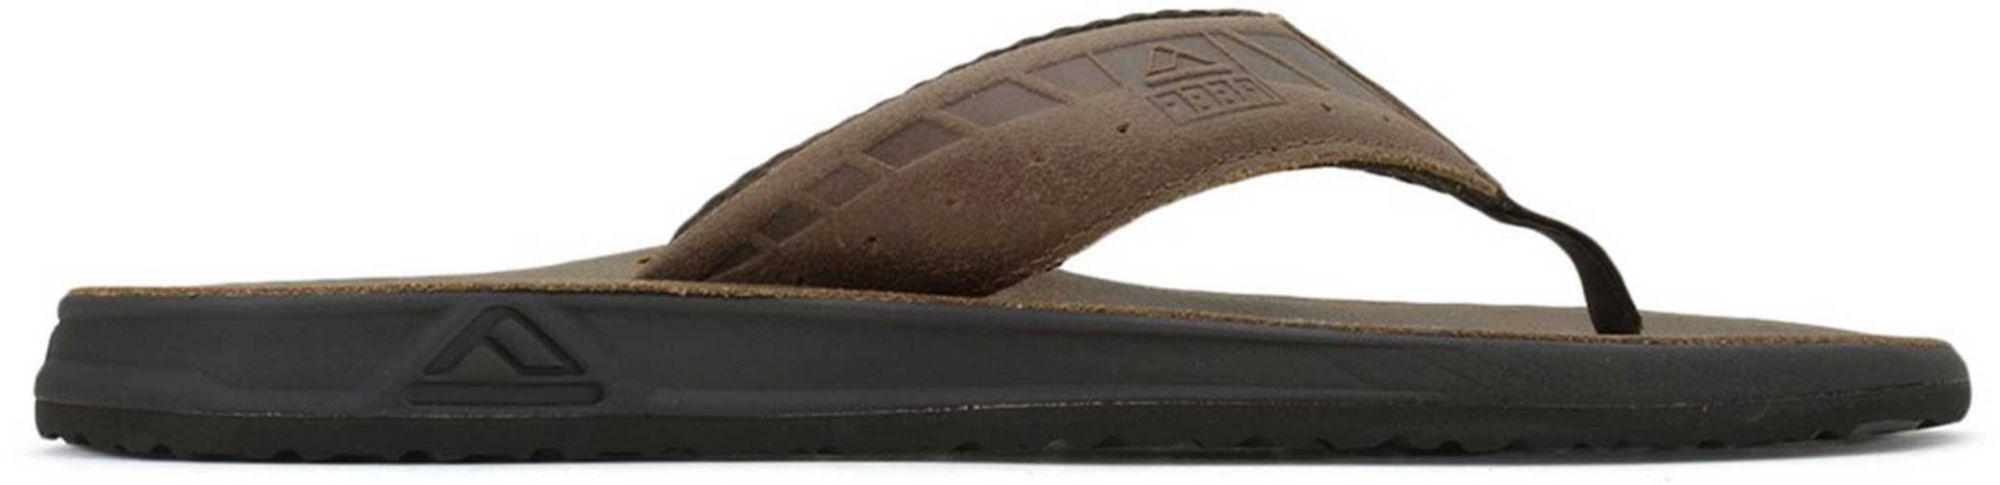 31c90e0e639 Lyst - Reef Phantom Ultimate Flip Flops in Brown for Men